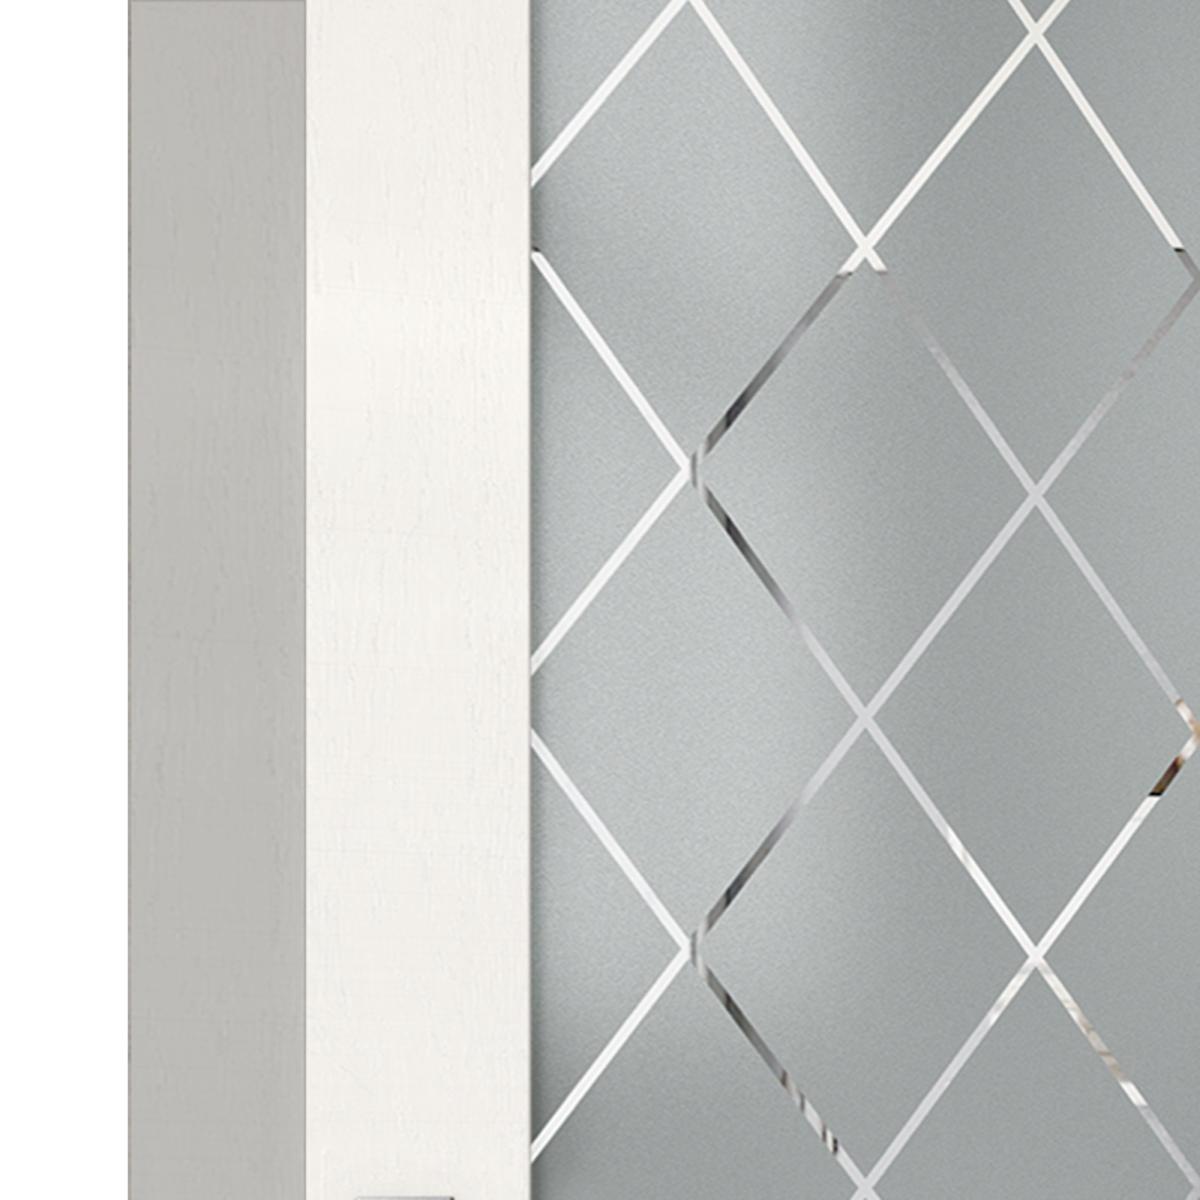 Дверь Межкомнатная Остеклённая «Летиция» 80x200 Пвх Цвет Лофт Светлый С Фурнитурой